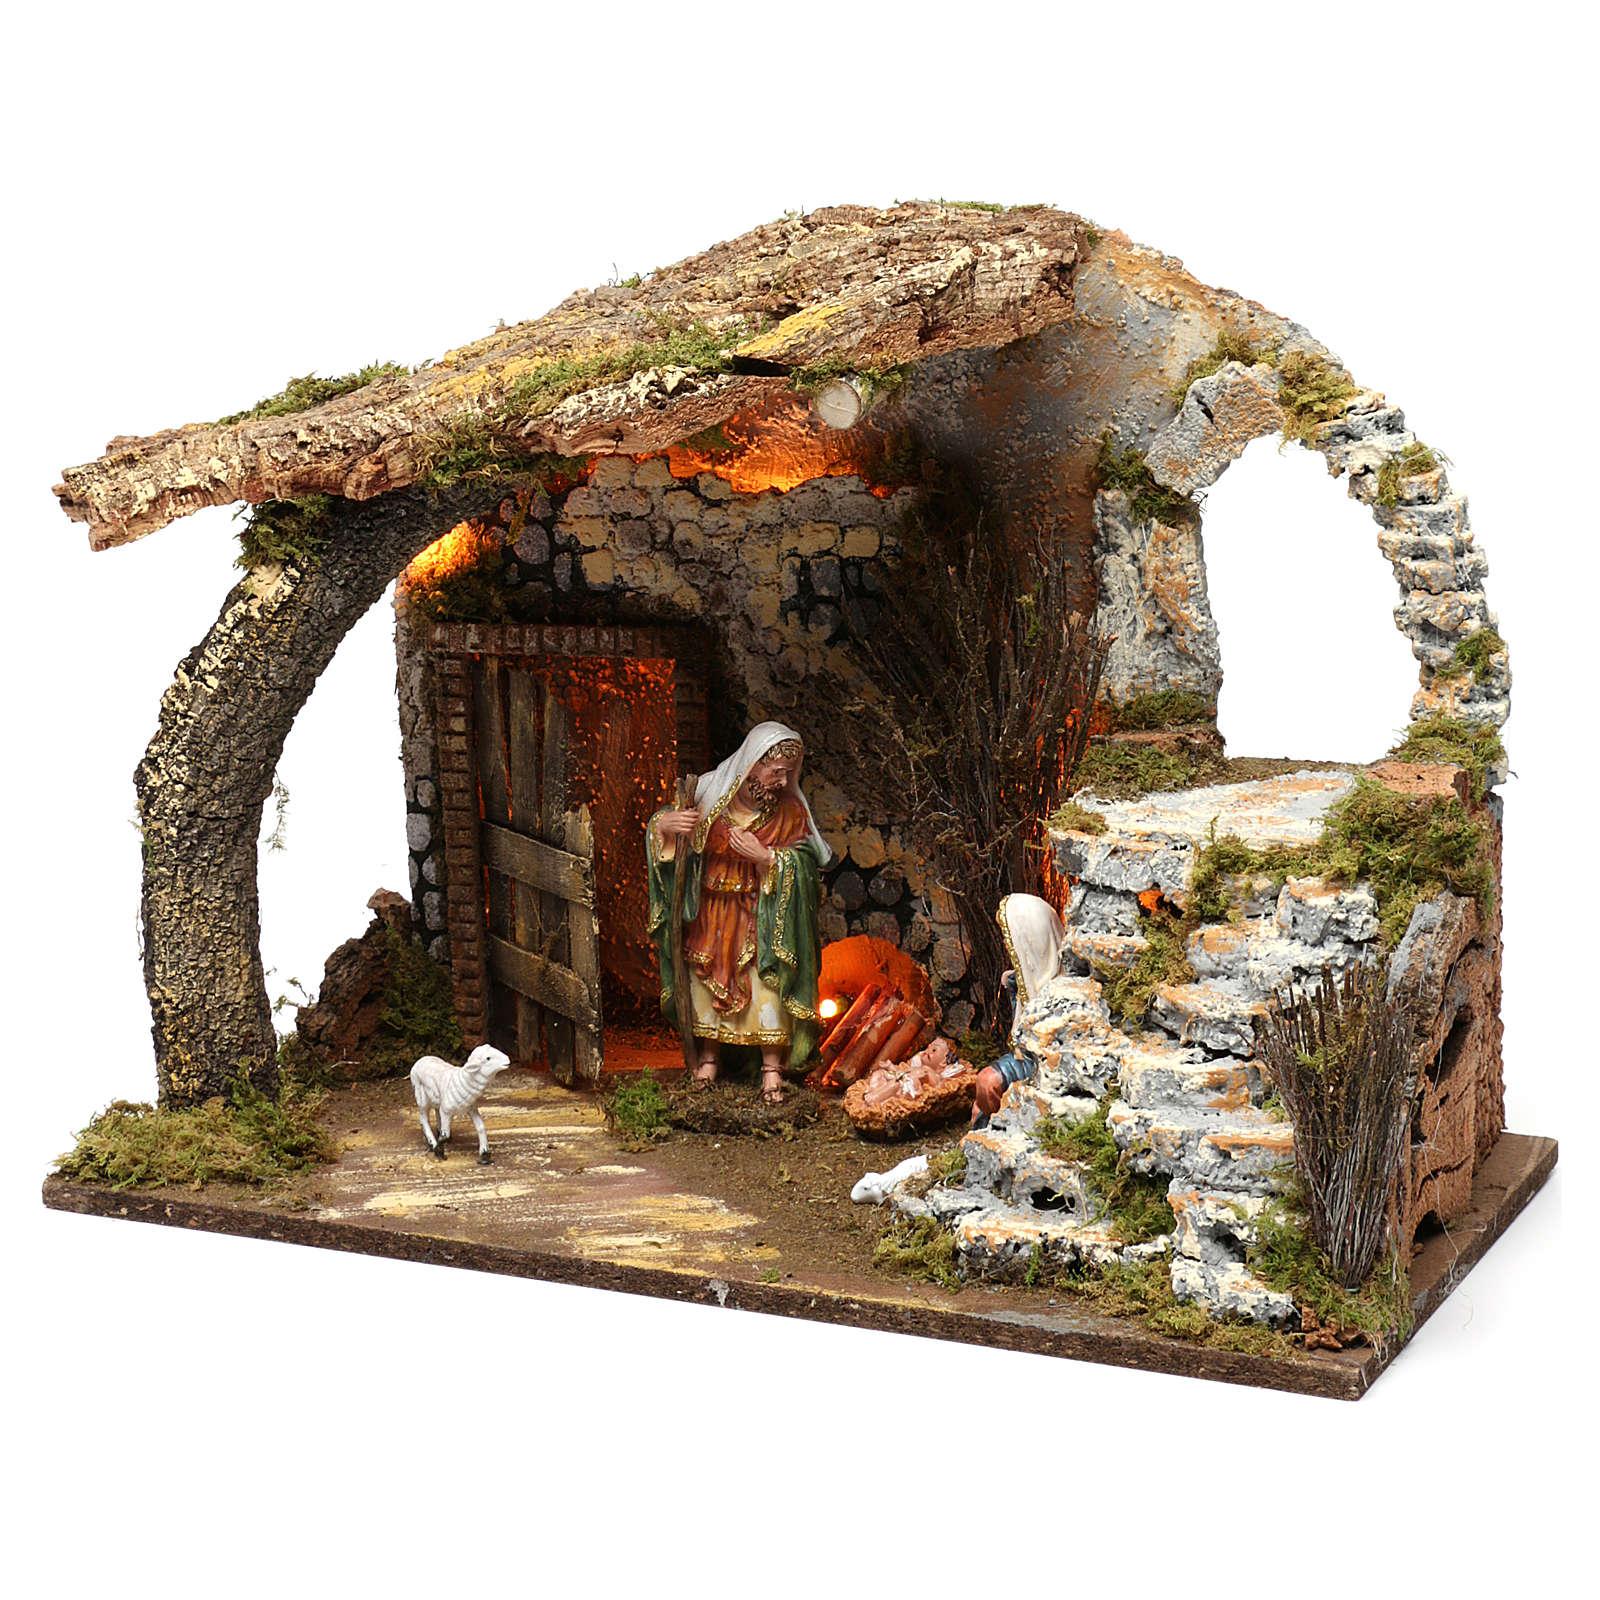 Cabaña para belén 15 cm con natividad y luces, tamaño 40x50x30 cm 4